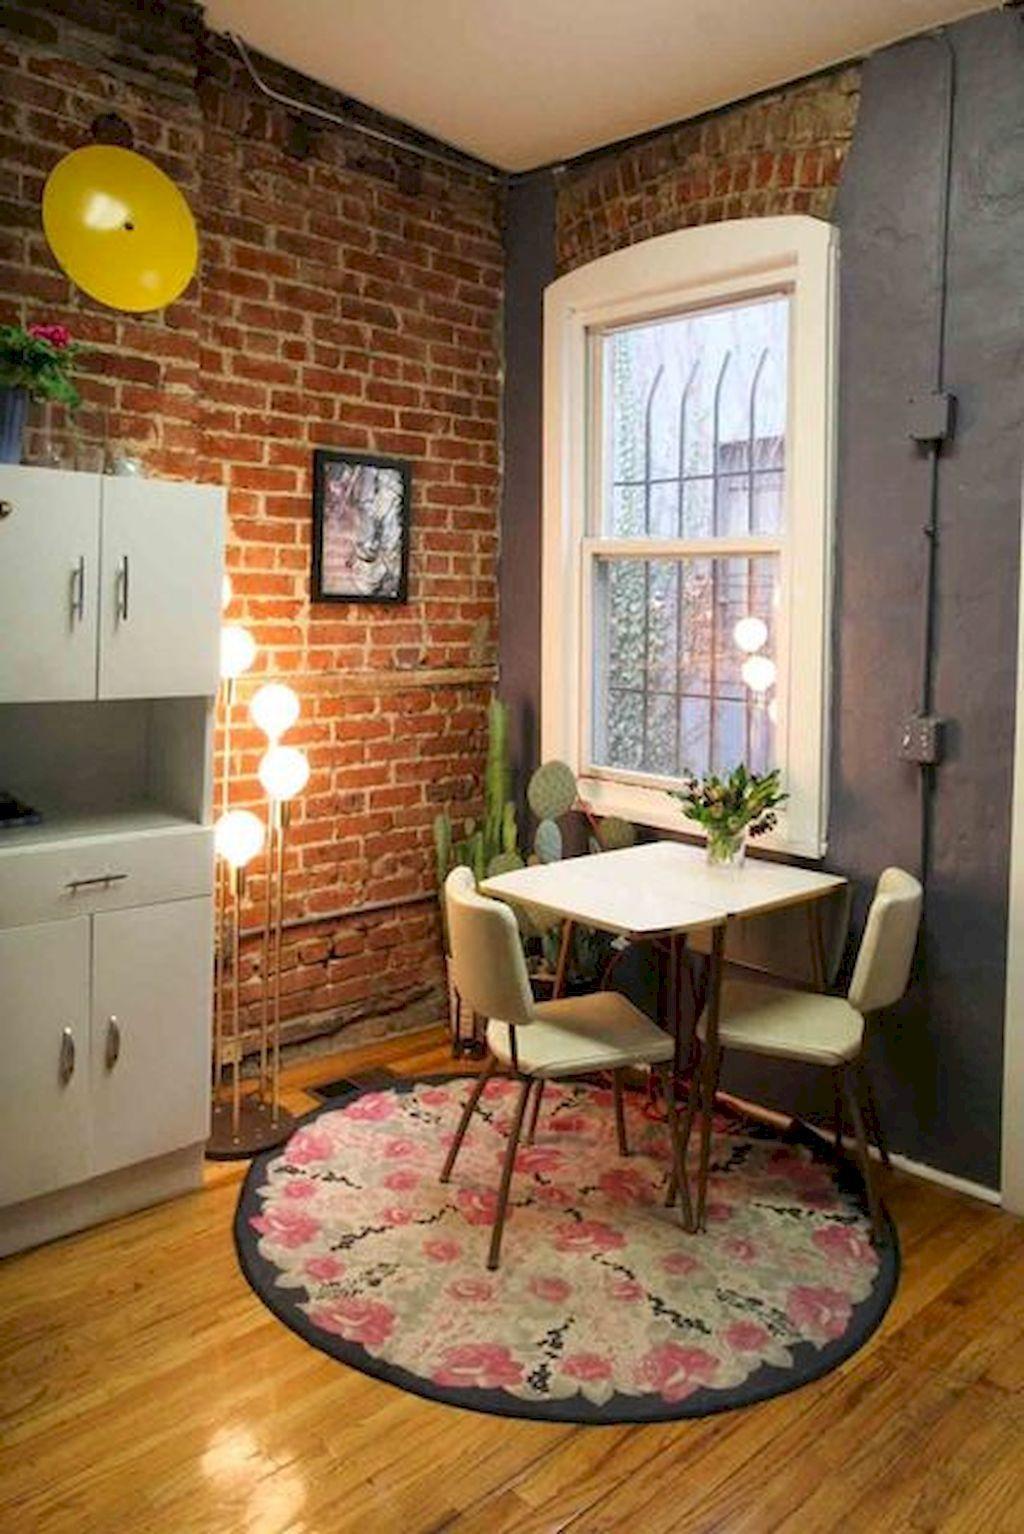 40 Genius Studio Apartment Remodel Ideas Decorating On A Budget ...